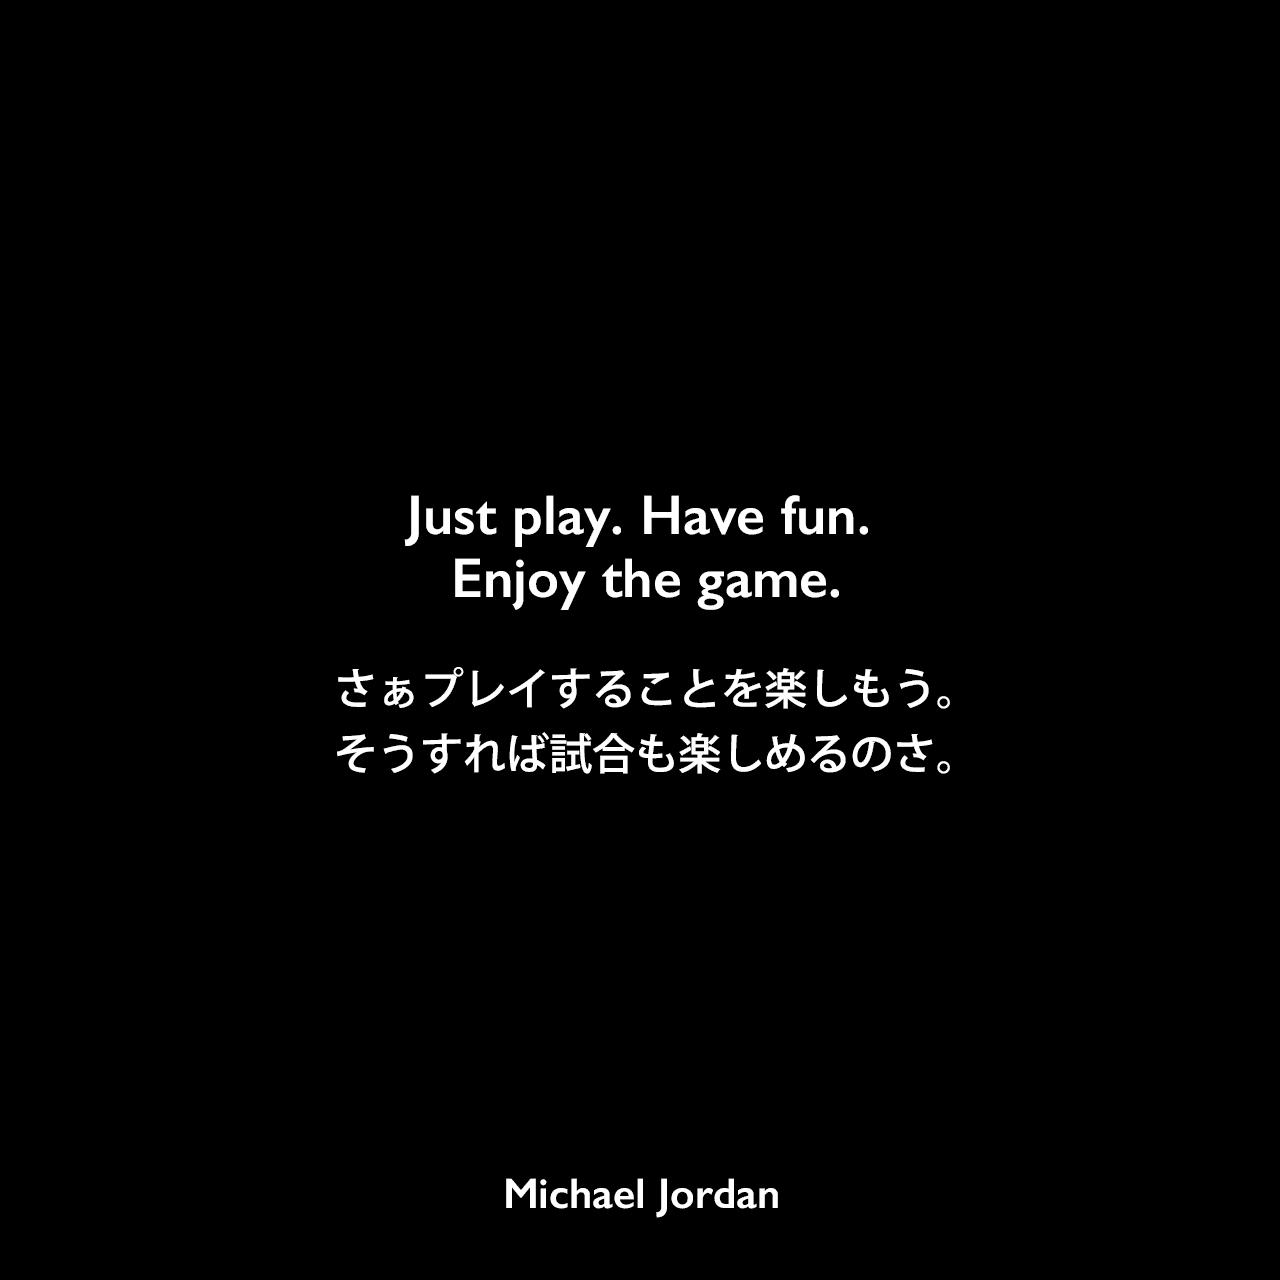 Just play. Have fun. Enjoy the game.さぁプレイすることを楽しもう。そうすれば試合も楽しめるのさ。Michael Jordan